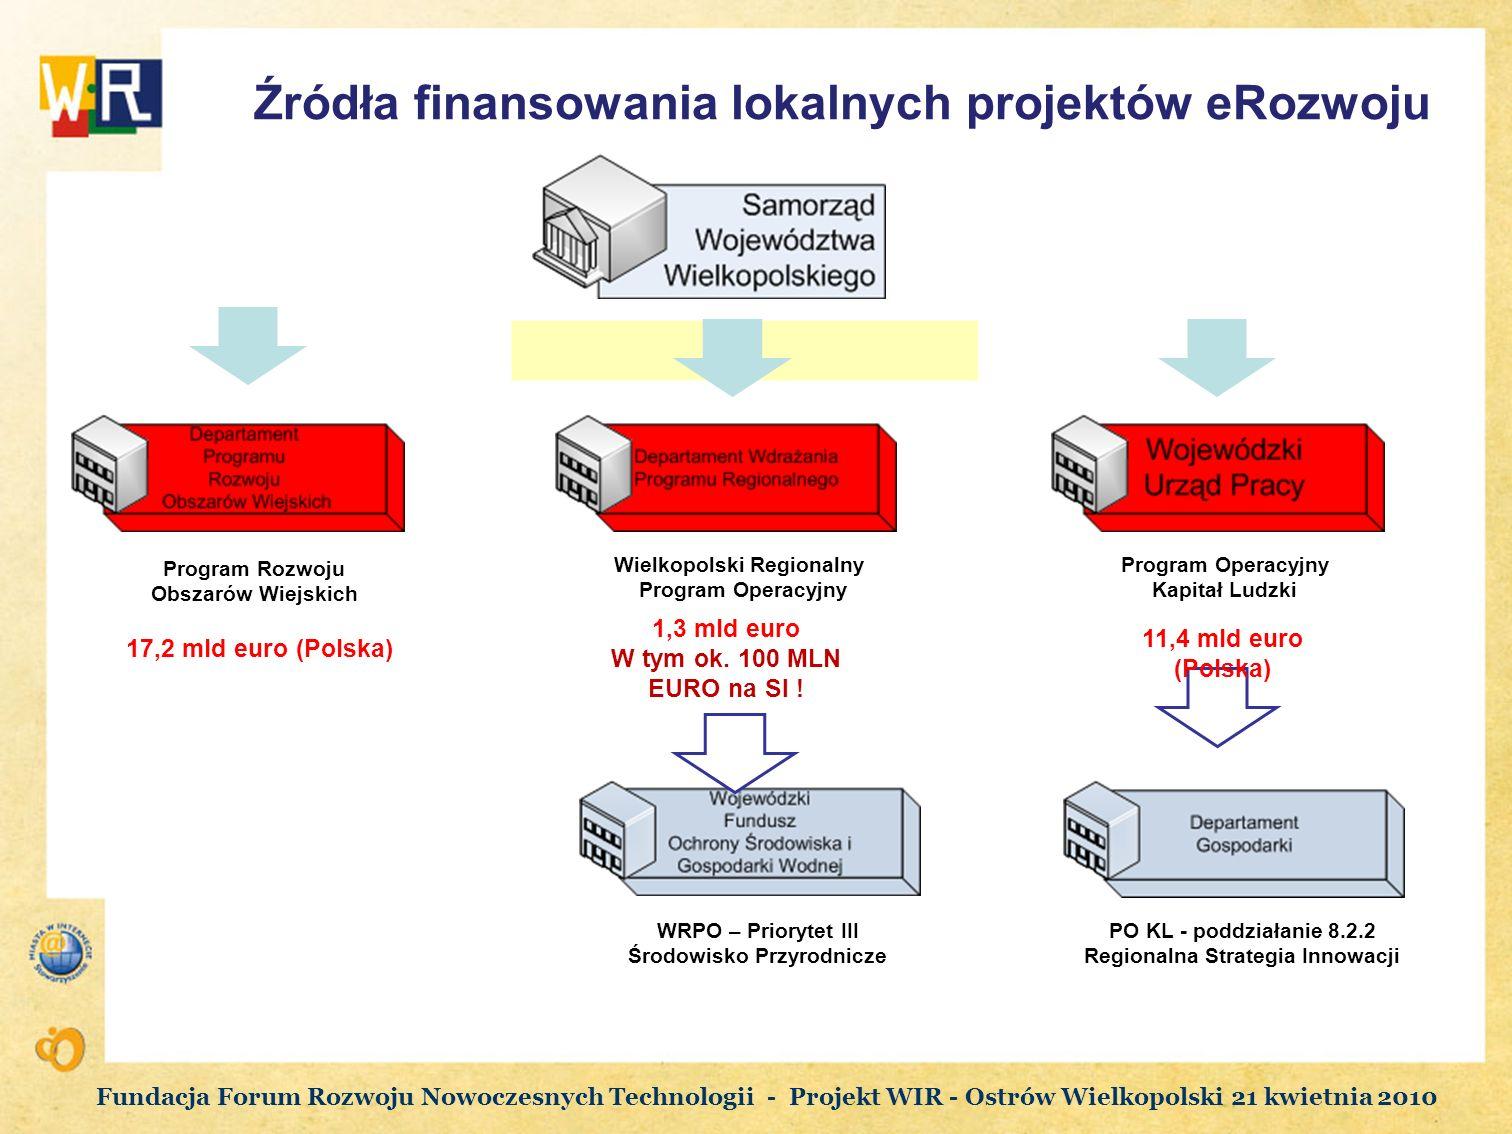 Źródła finansowania lokalnych projektów eRozwoju Wielkopolski Regionalny Program Operacyjny Kapitał Ludzki Program Rozwoju Obszarów Wiejskich WRPO – P